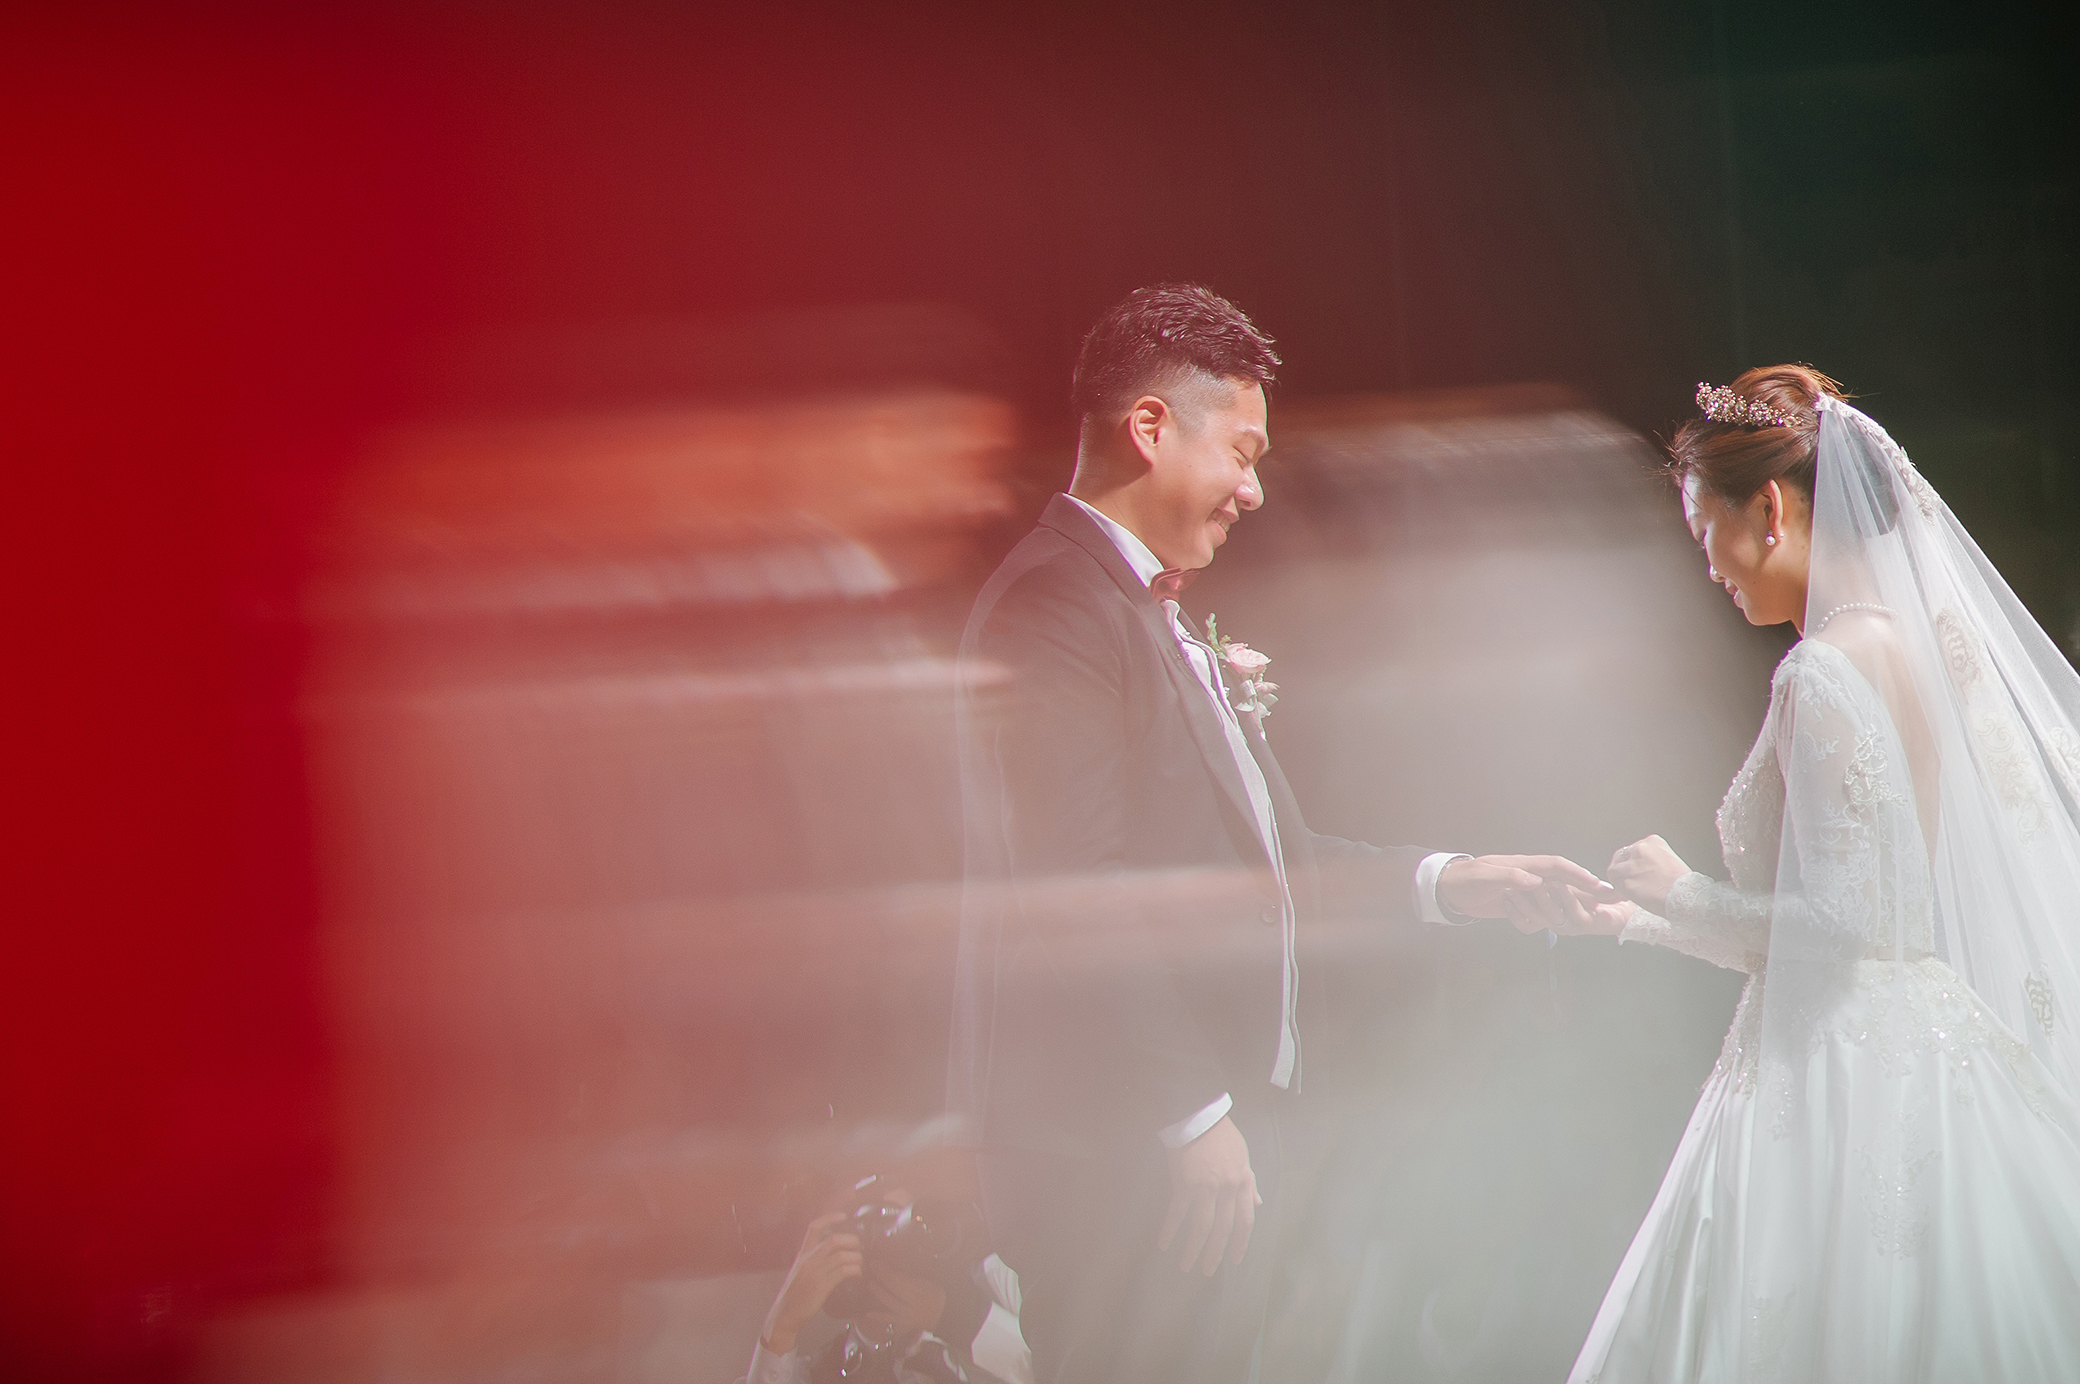 nickchang-wedding-%e5%af%92%e8%88%8d%e8%89%be%e9%ba%97-fineart-50